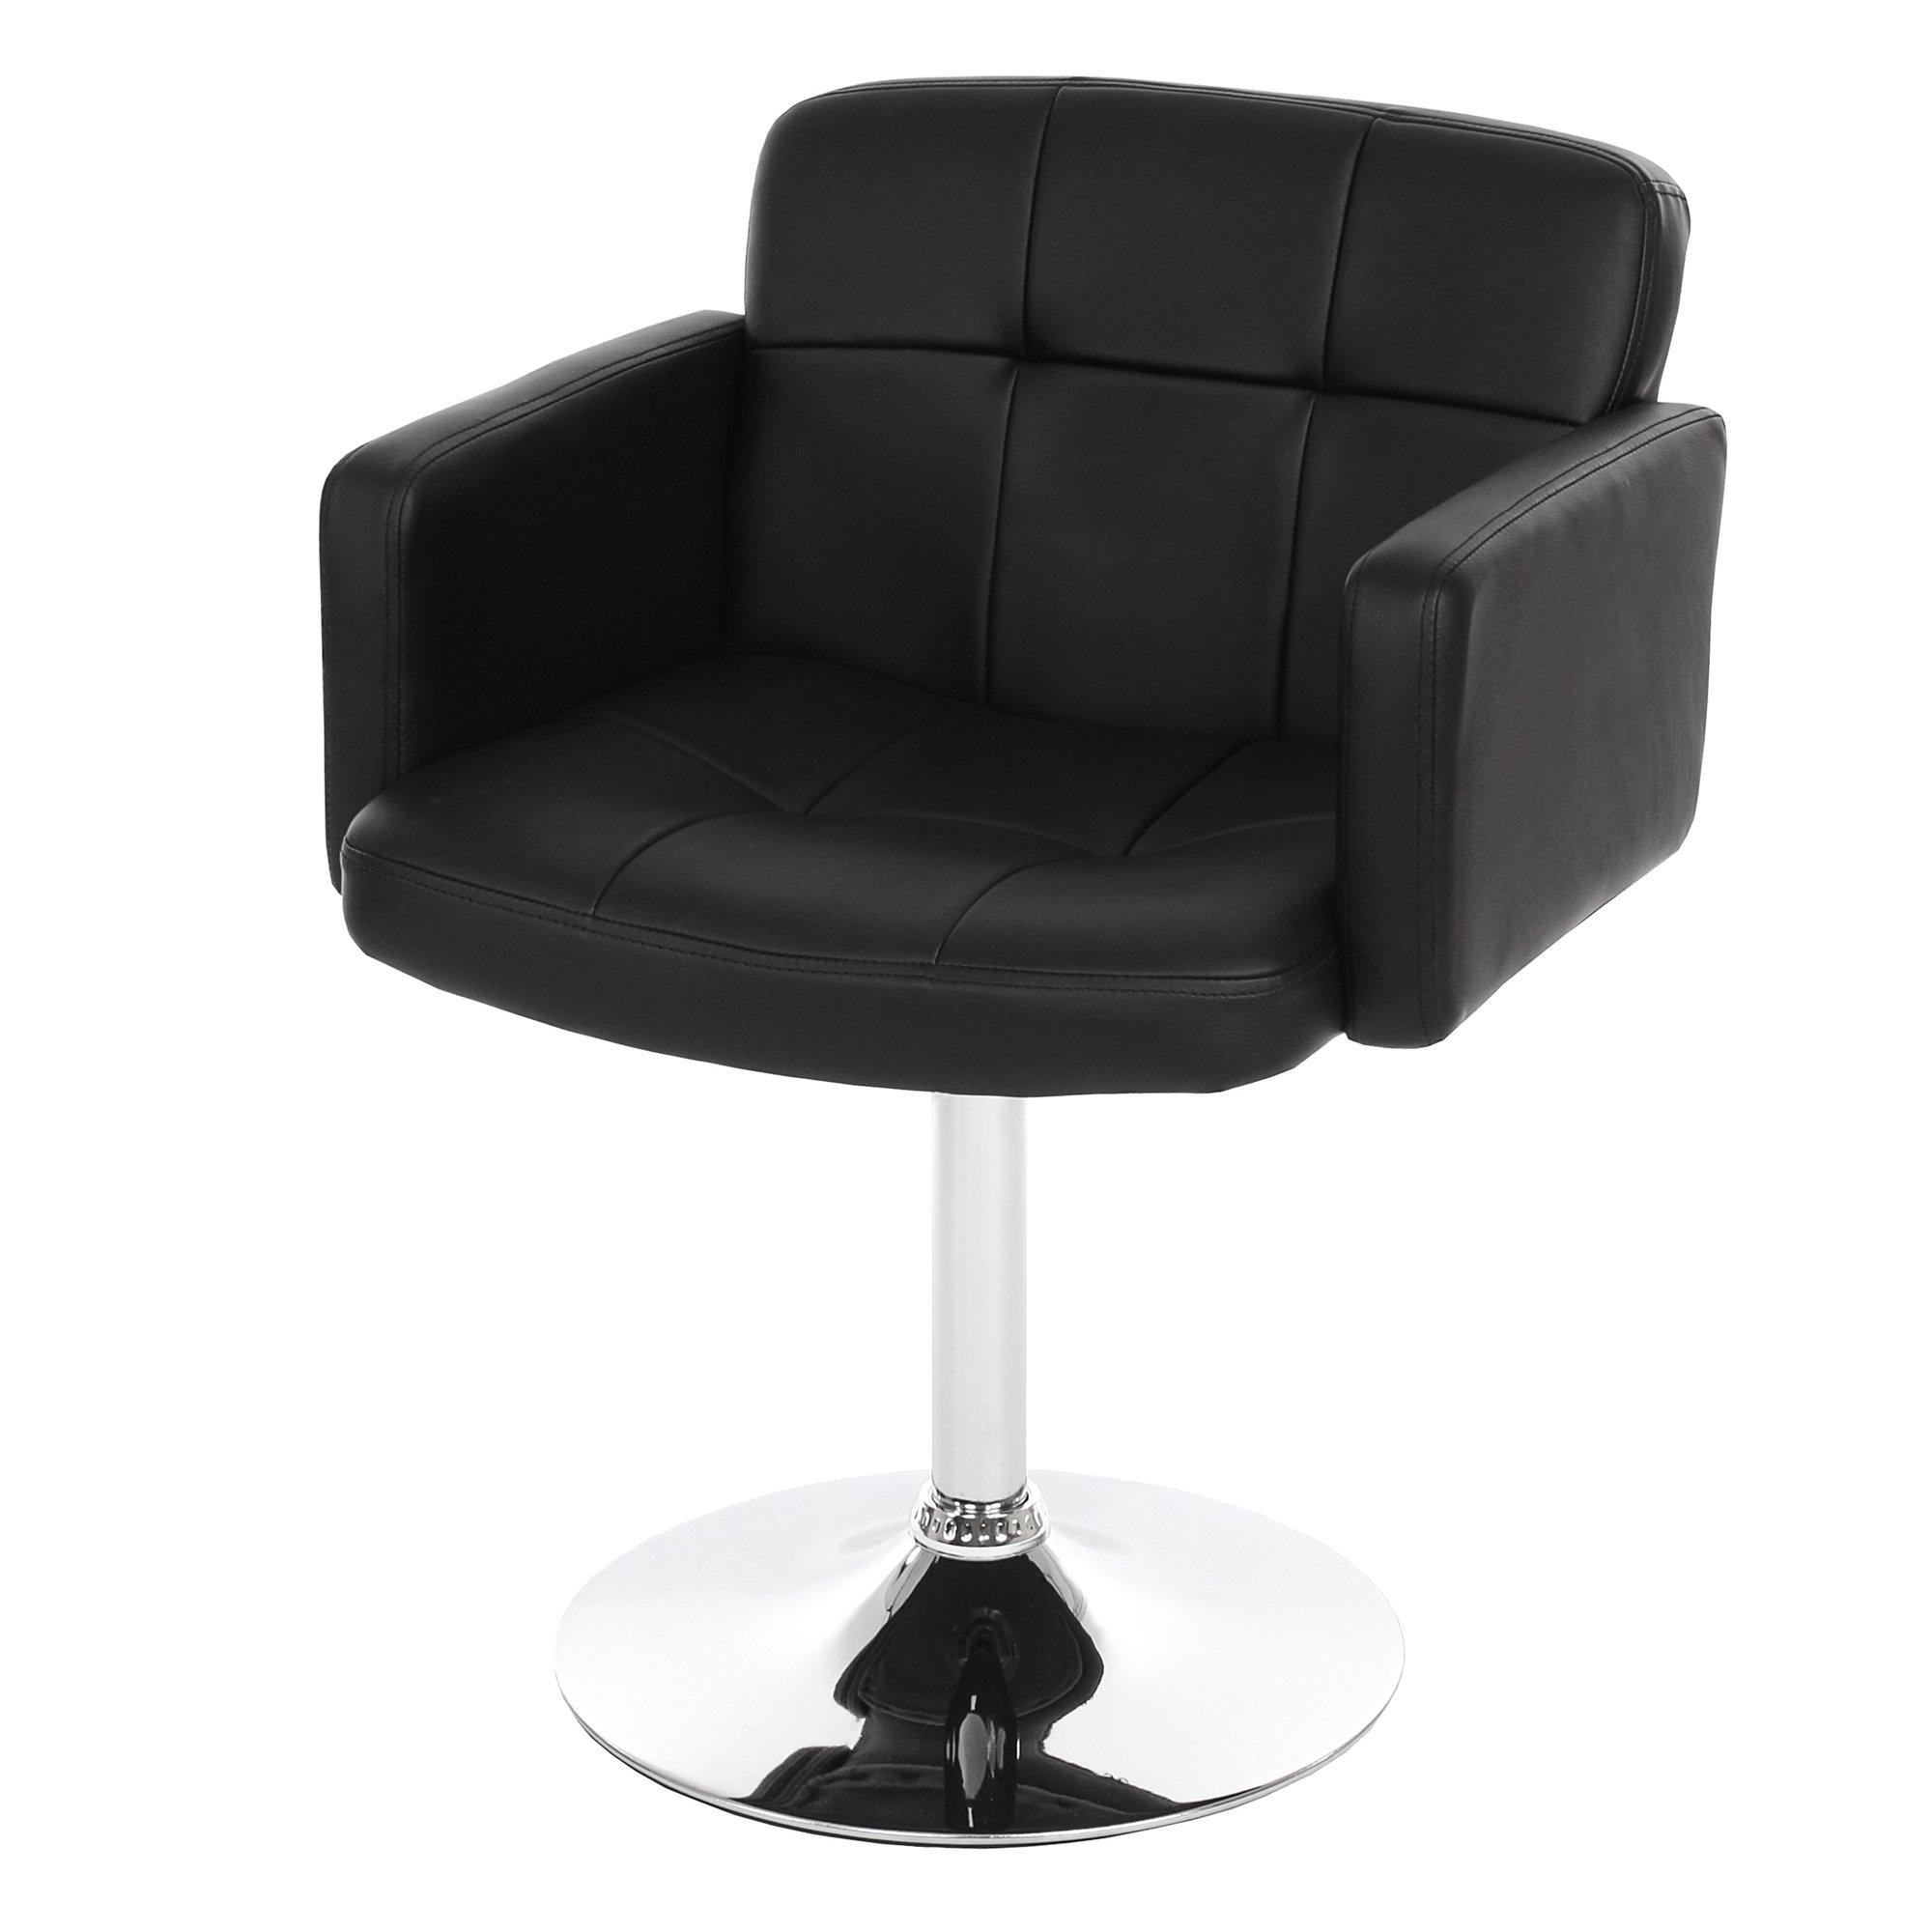 Sedia ORLANDO in pelle nera - Sedia per Salotto o Cucina ORLANDO, In ...